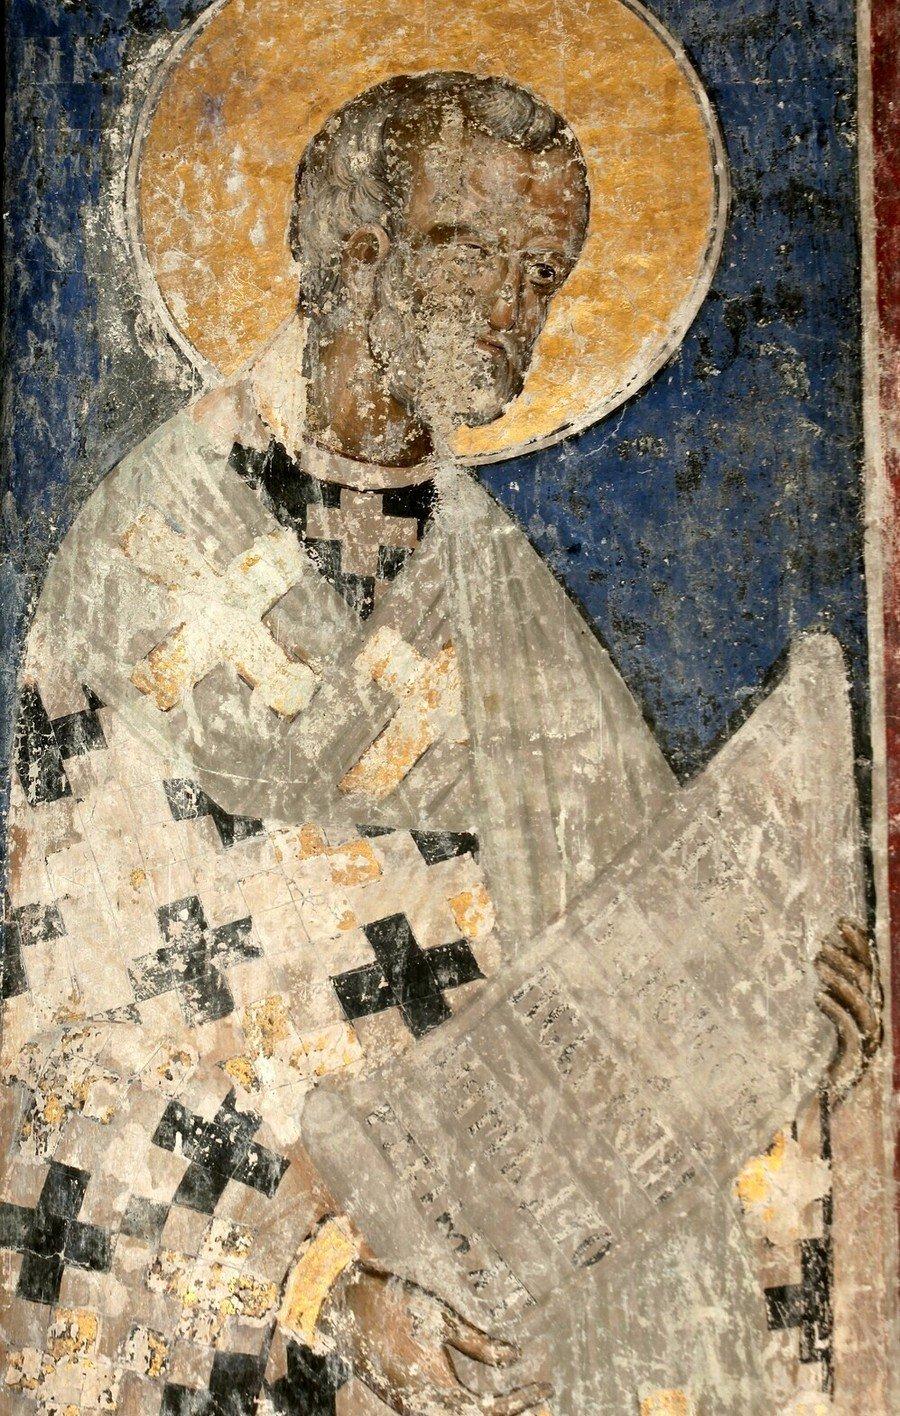 Святитель Николай, Архиепископ Мир Ликийских, Чудотворец. Фреска церкви Святой Троицы в монастыре Манасия (Ресава), Сербия. До 1418 года.